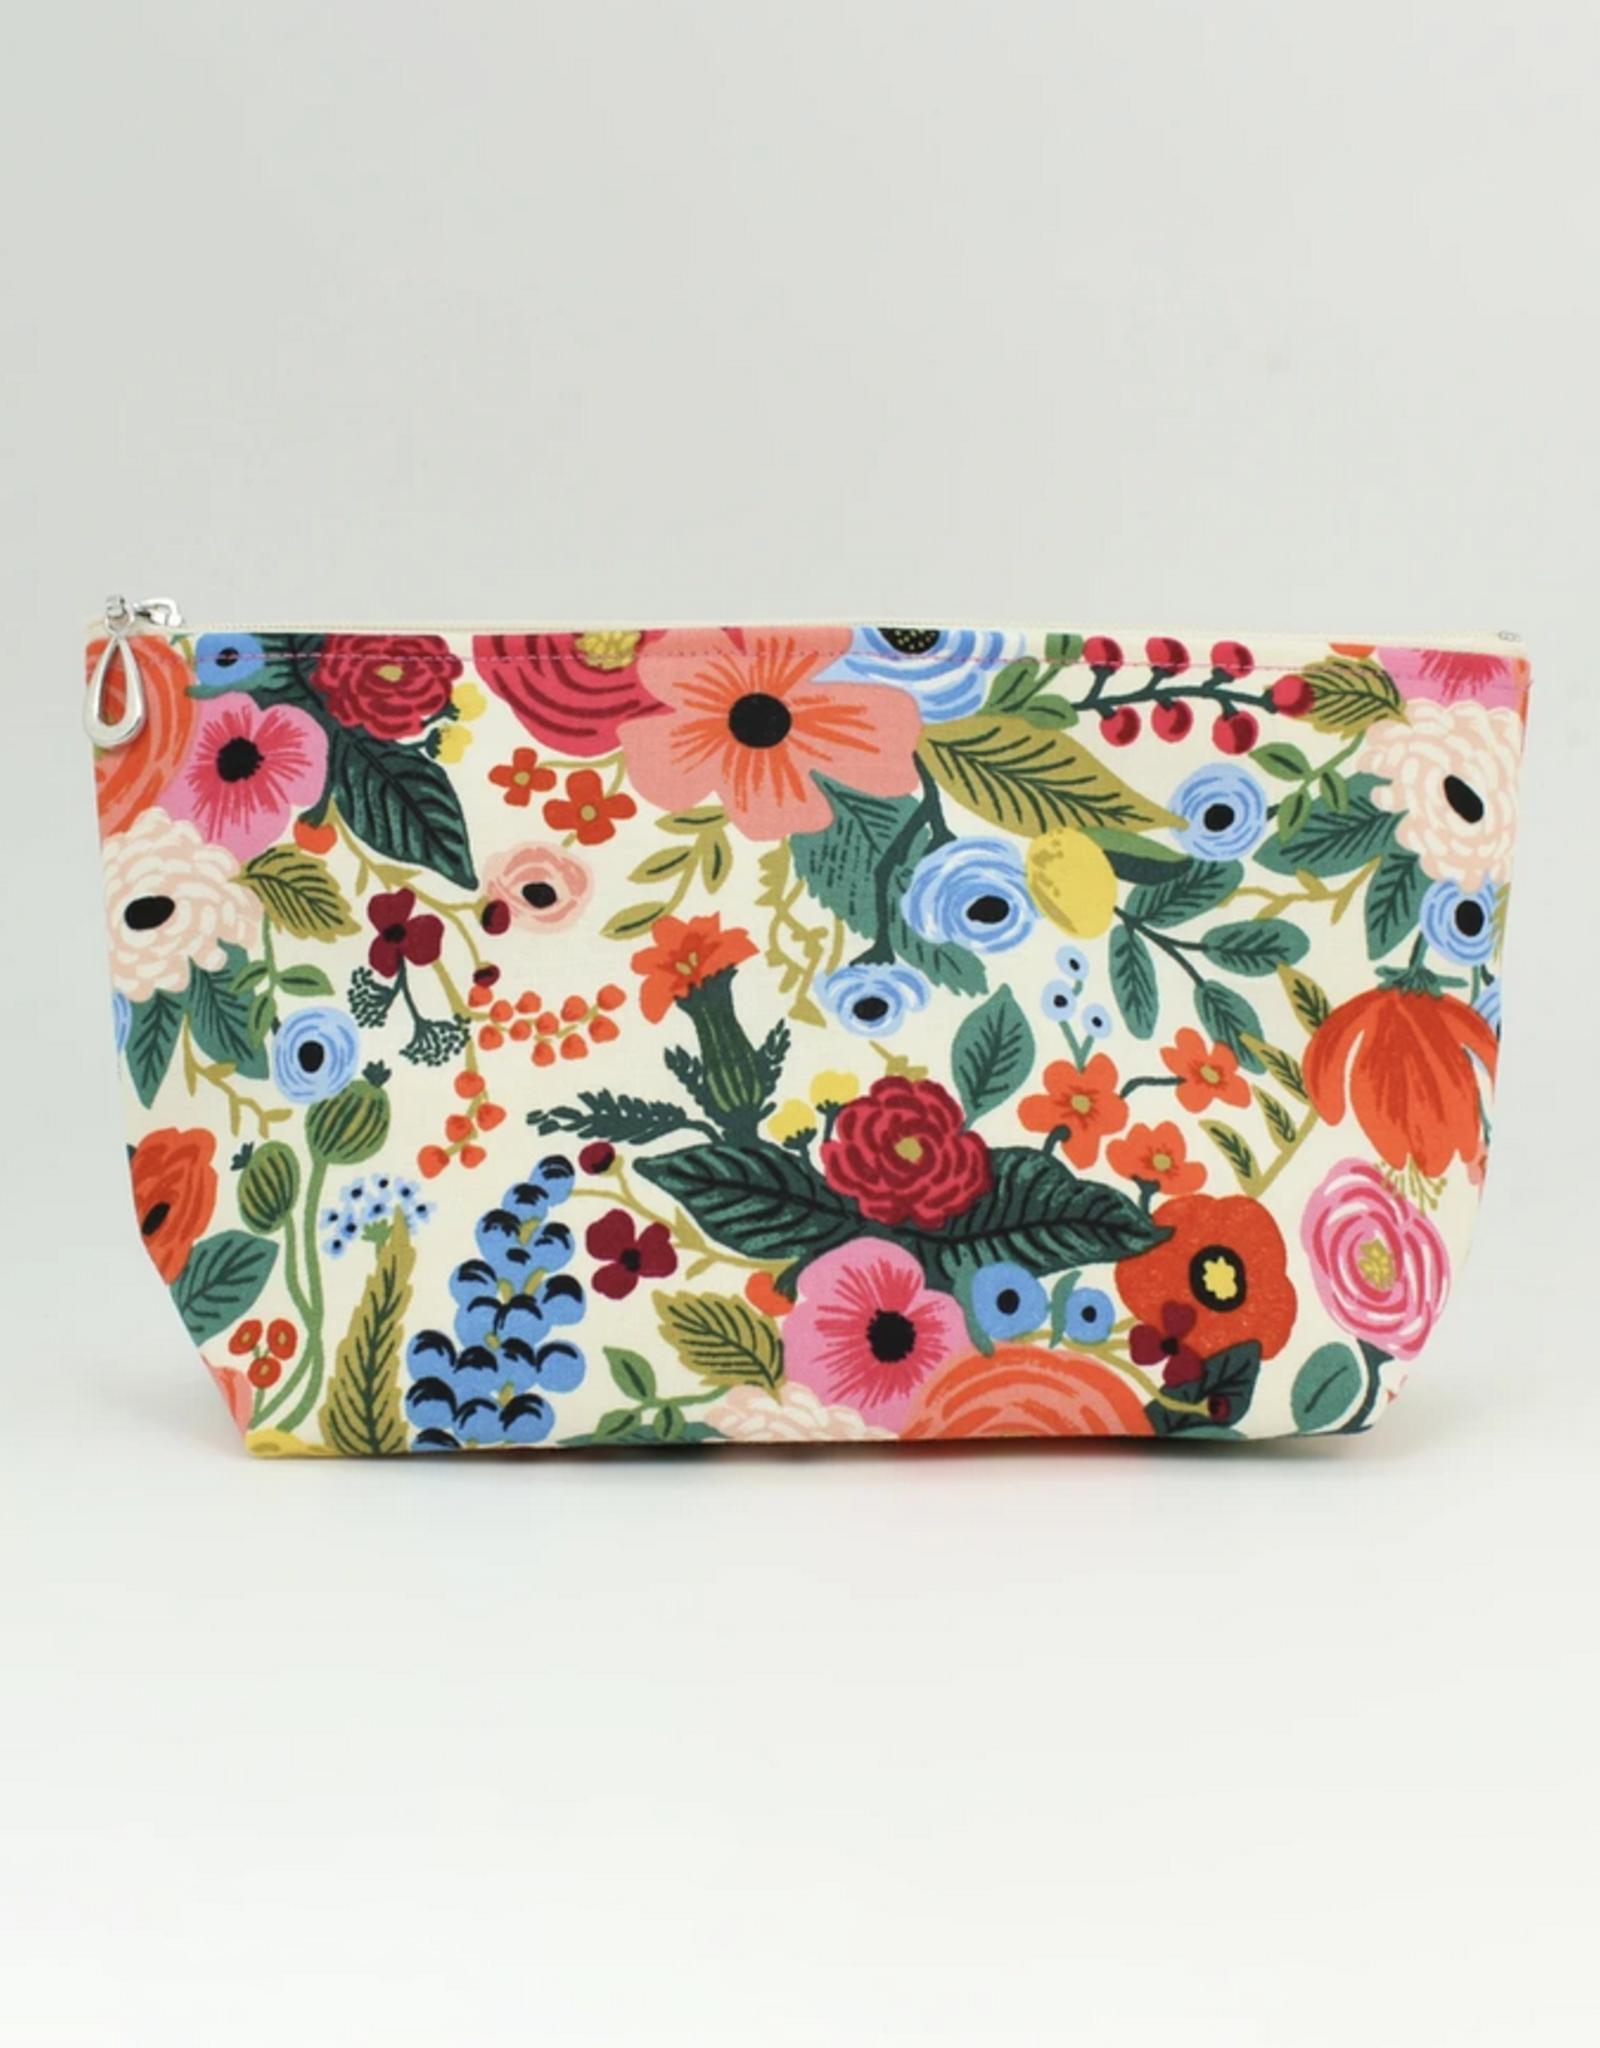 Dana Herbert Accessories Cosmetic Bag Medium : Cream & Pink Floral